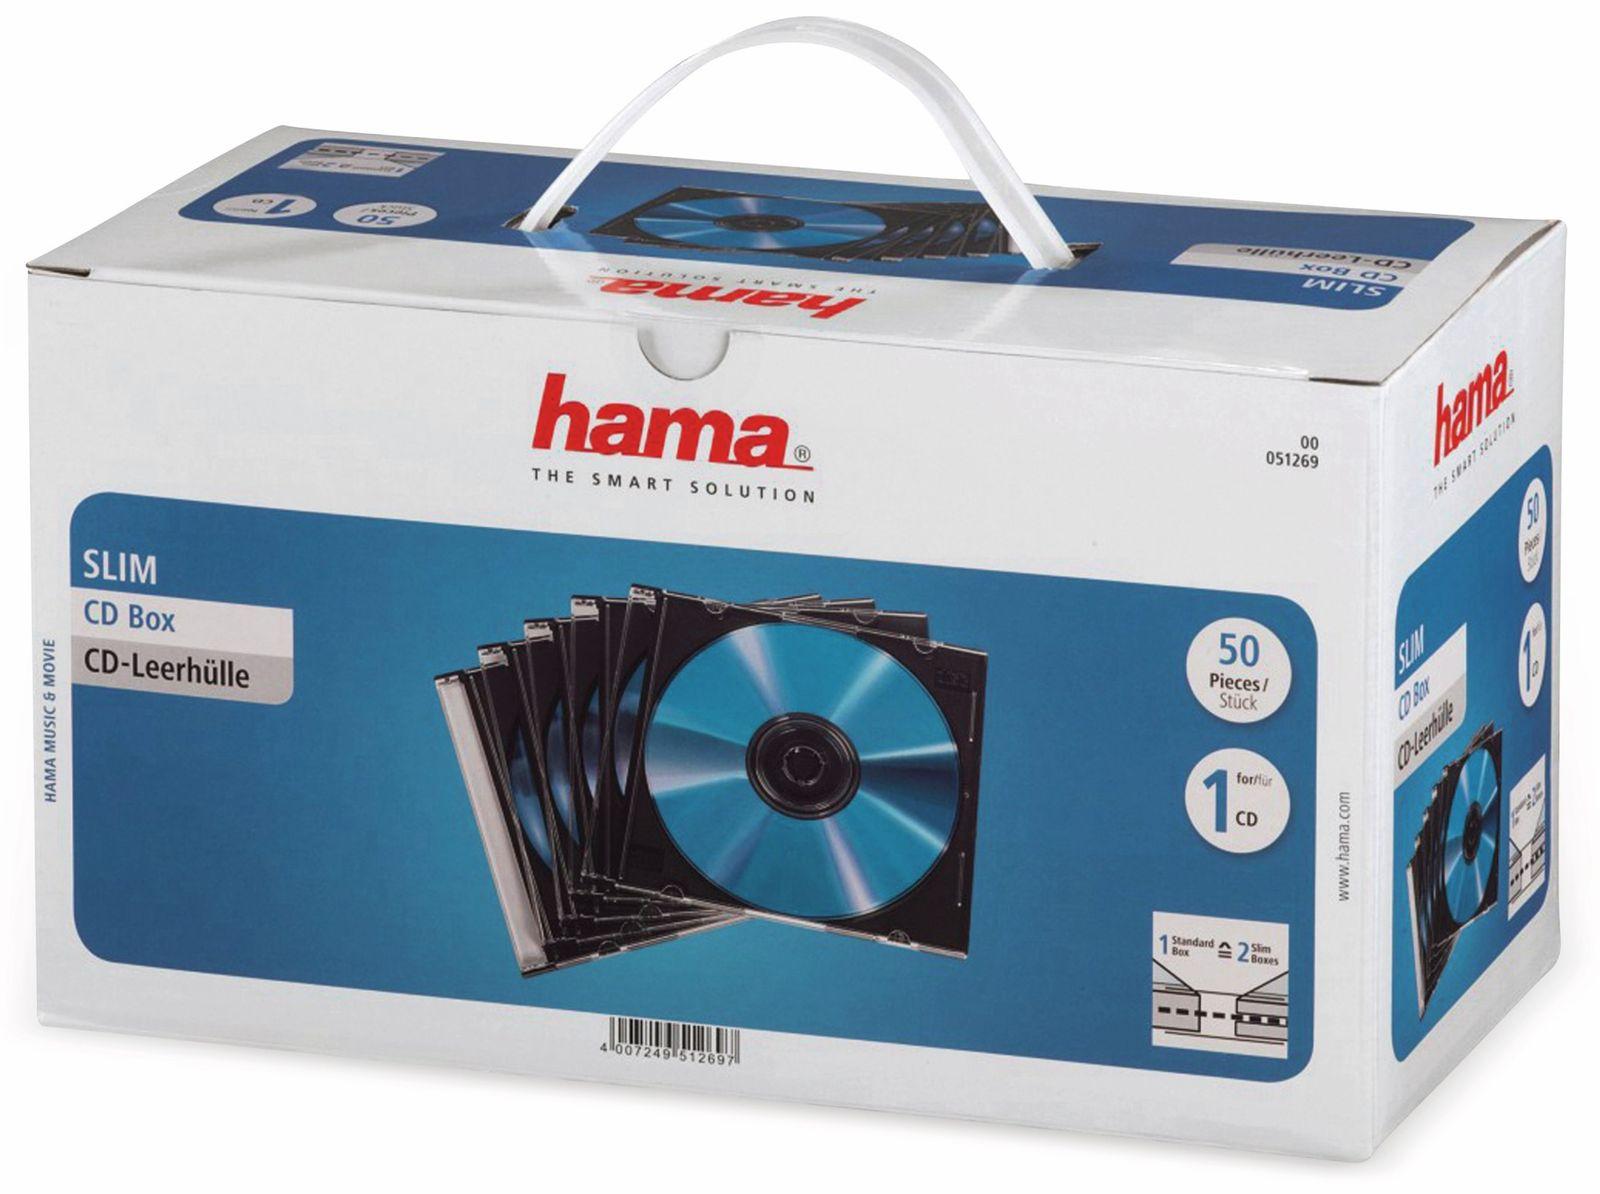 CD-Leerhüllen, Slim, 50 Stück Hama